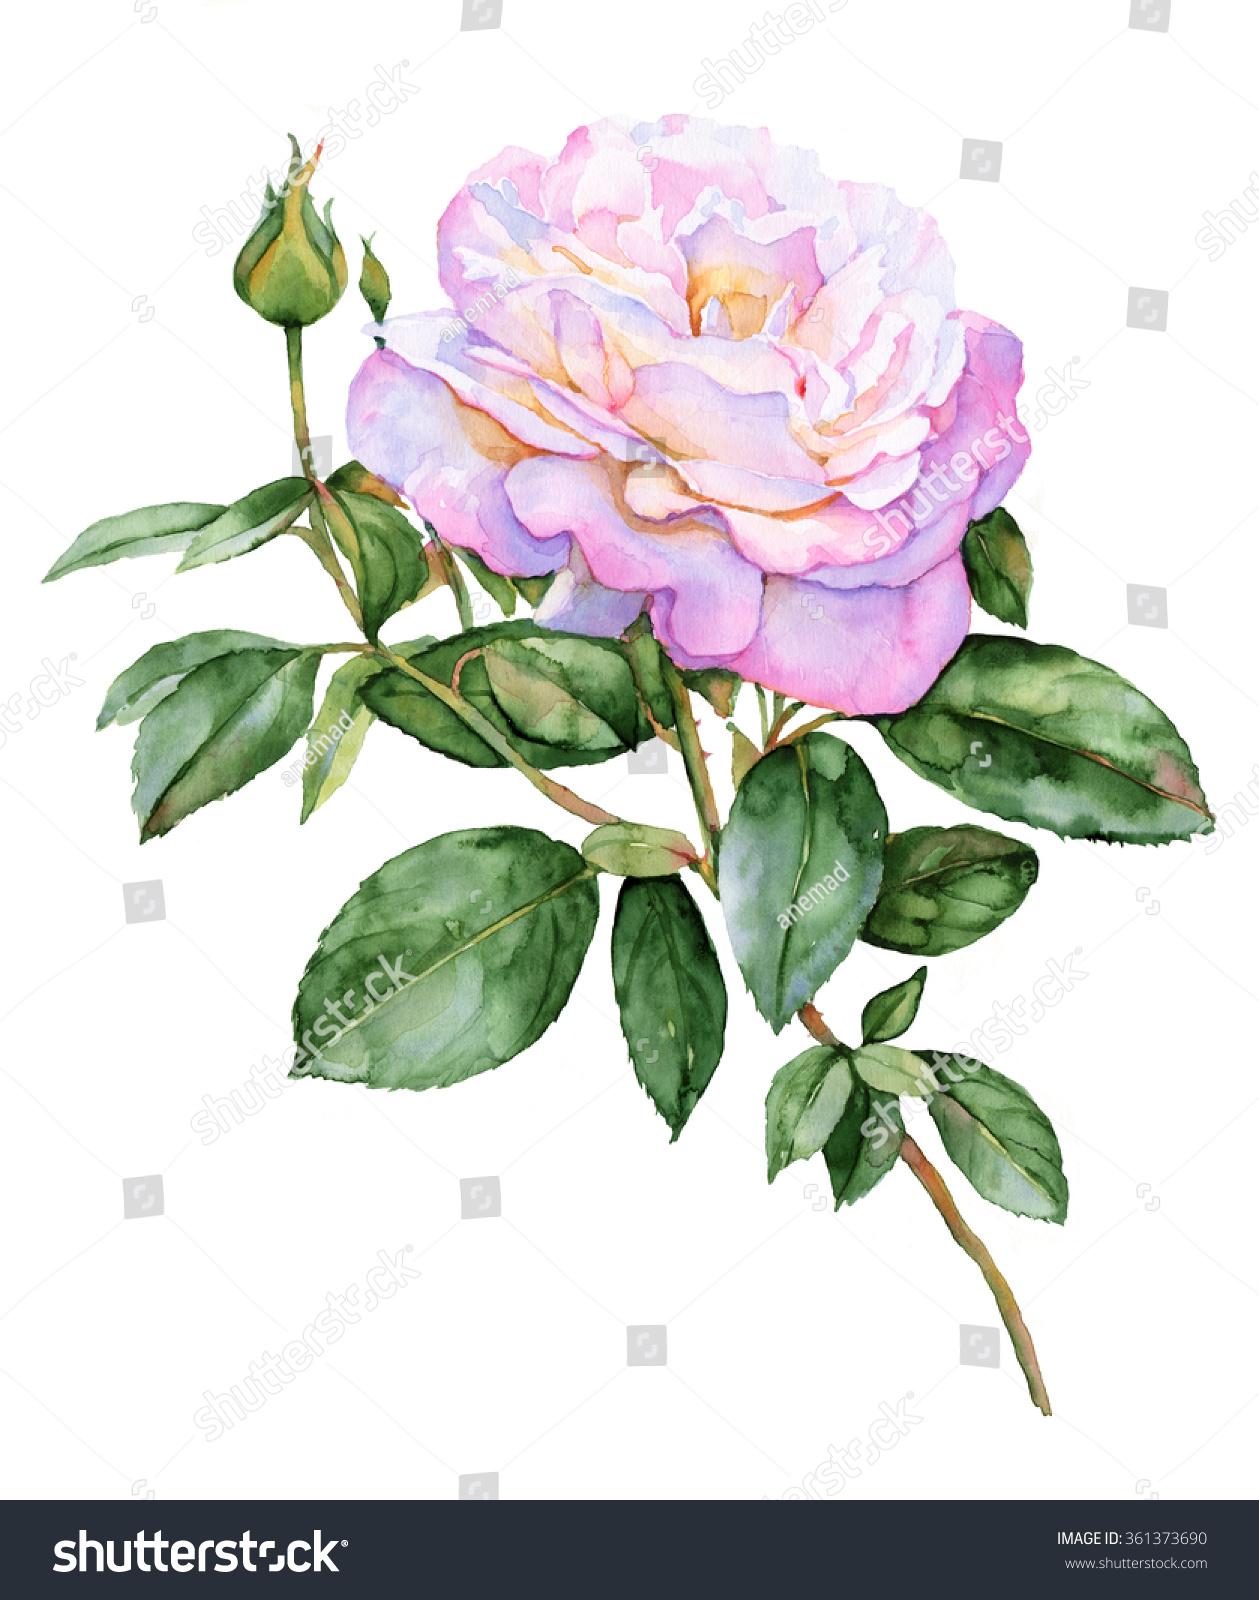 Beautiful pink rose watercolor illustration